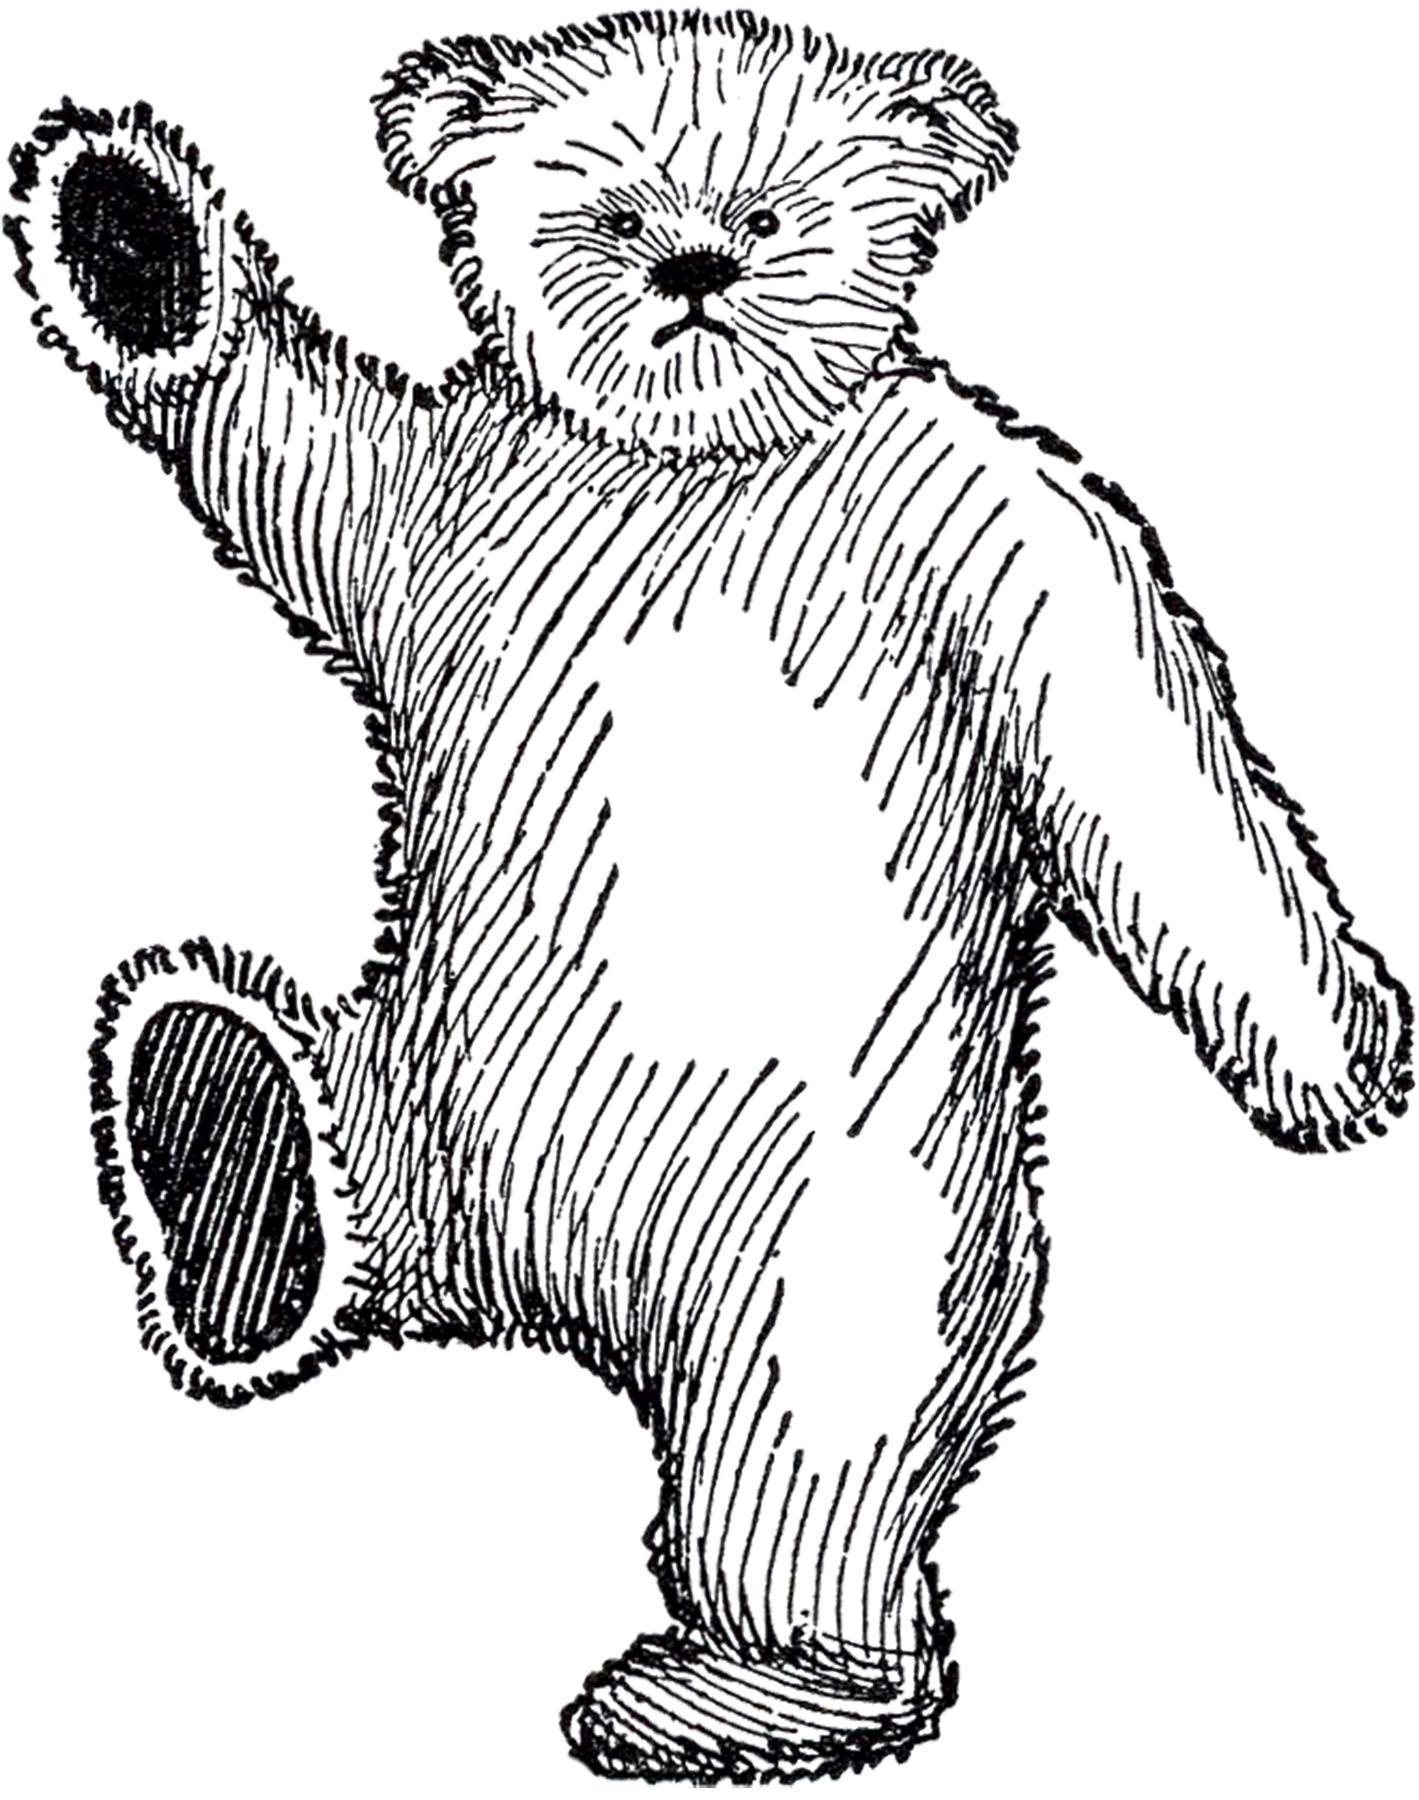 1419x1800 Public Domain Teddy Bear Image